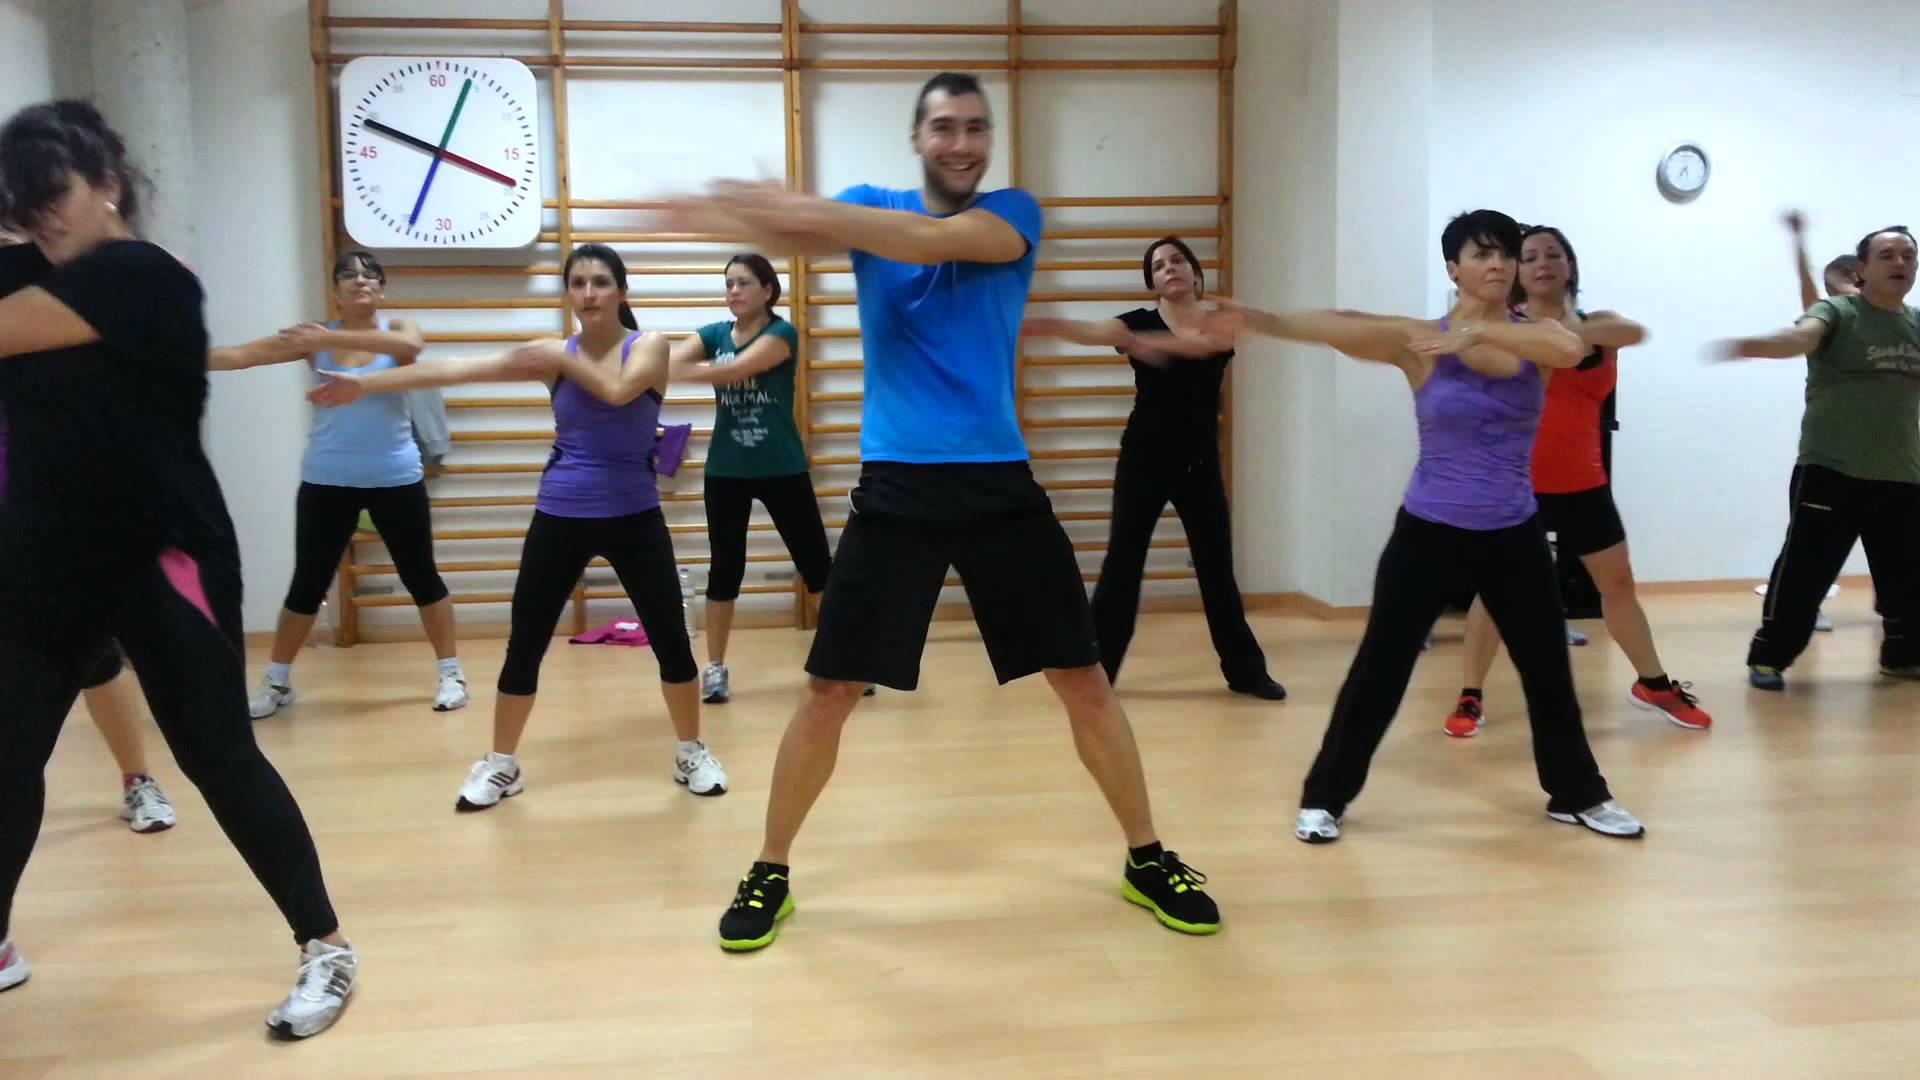 Actividad de Bailoterapia, entretenida, divertida y relajante como actividad física.